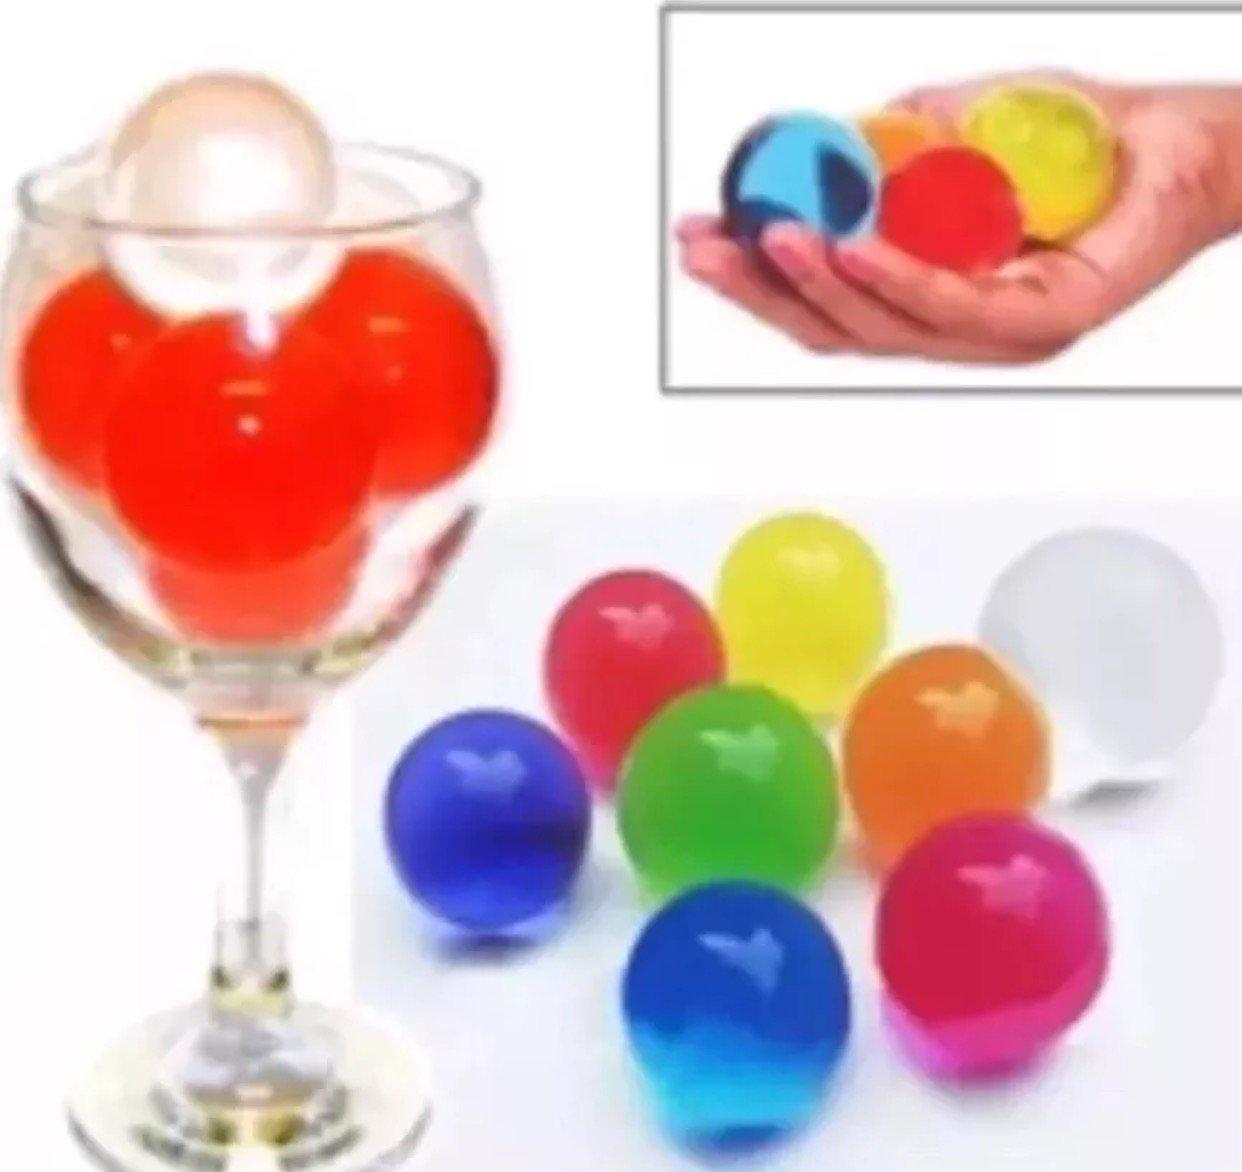 50 Large Orbeez Magic Water Balls Beads UK SELLER FREE DELIVERY JUMBO Ball kikan.co.uk